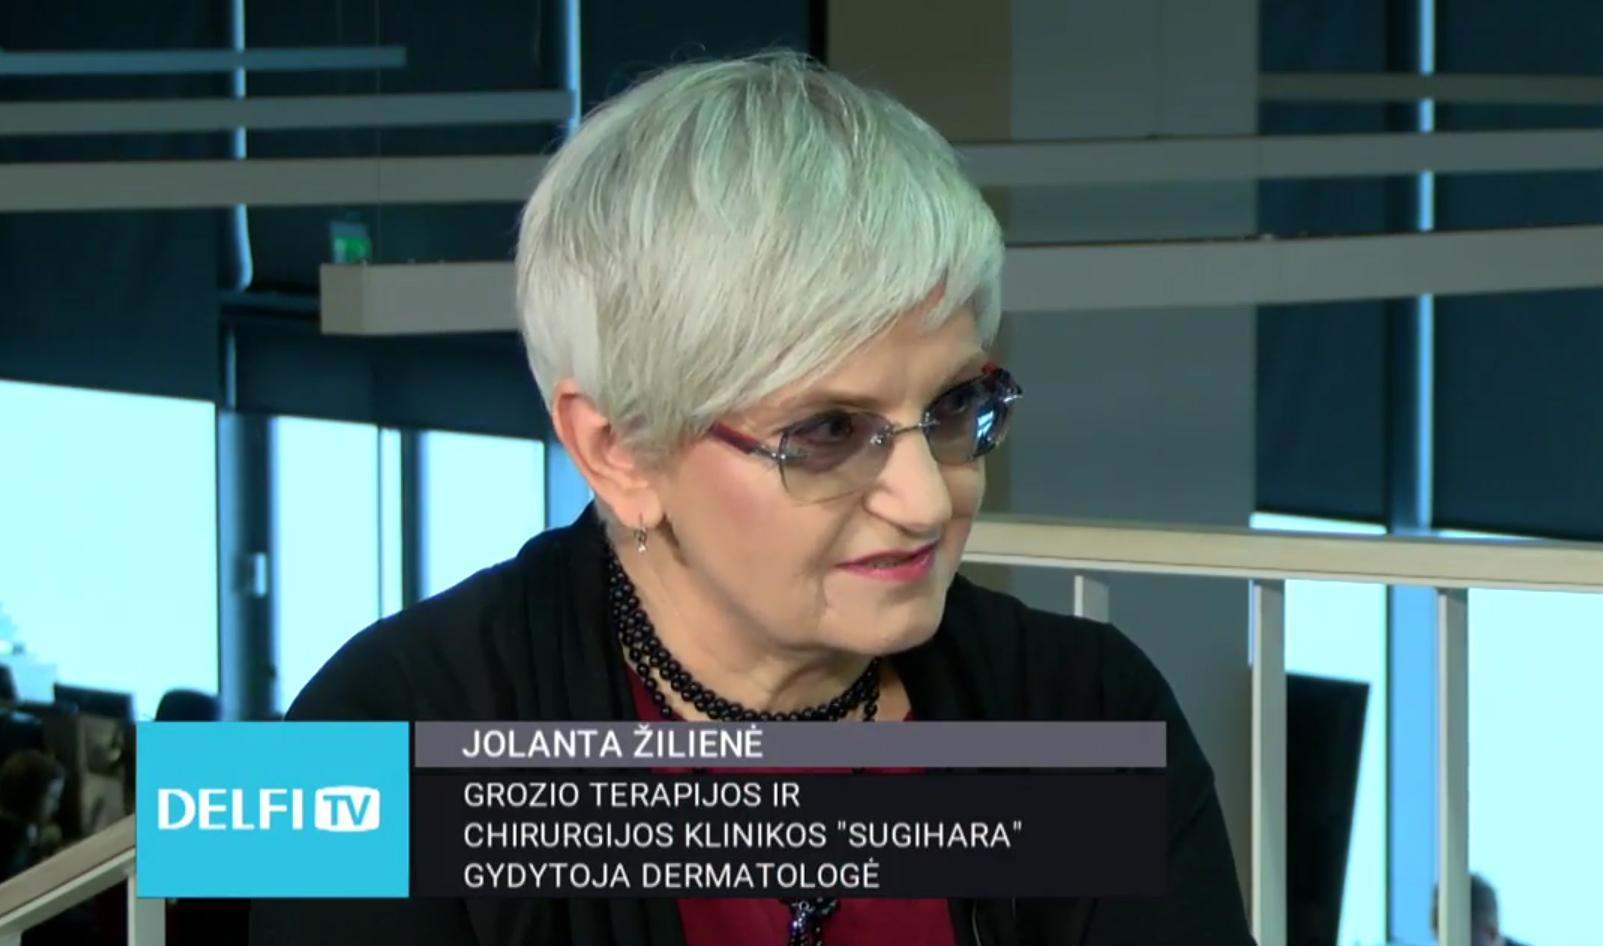 Jolanta Ziliene DELFI TV